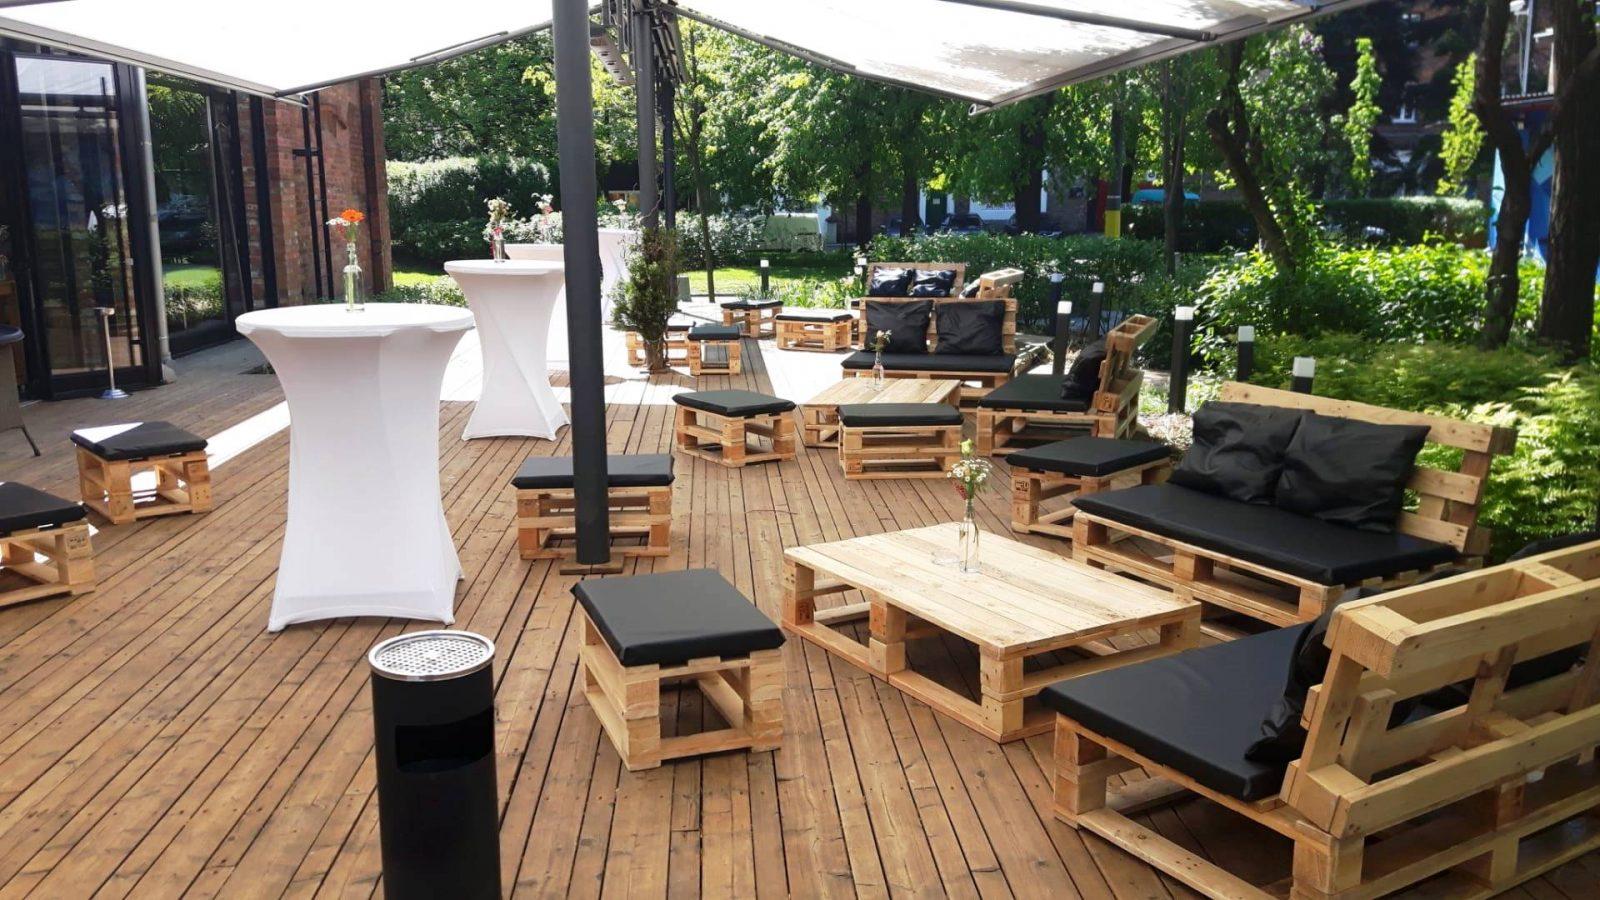 Wesele czas zacząć Meble z palet Pine Square td5ffh - Креативная мебель на Заказ